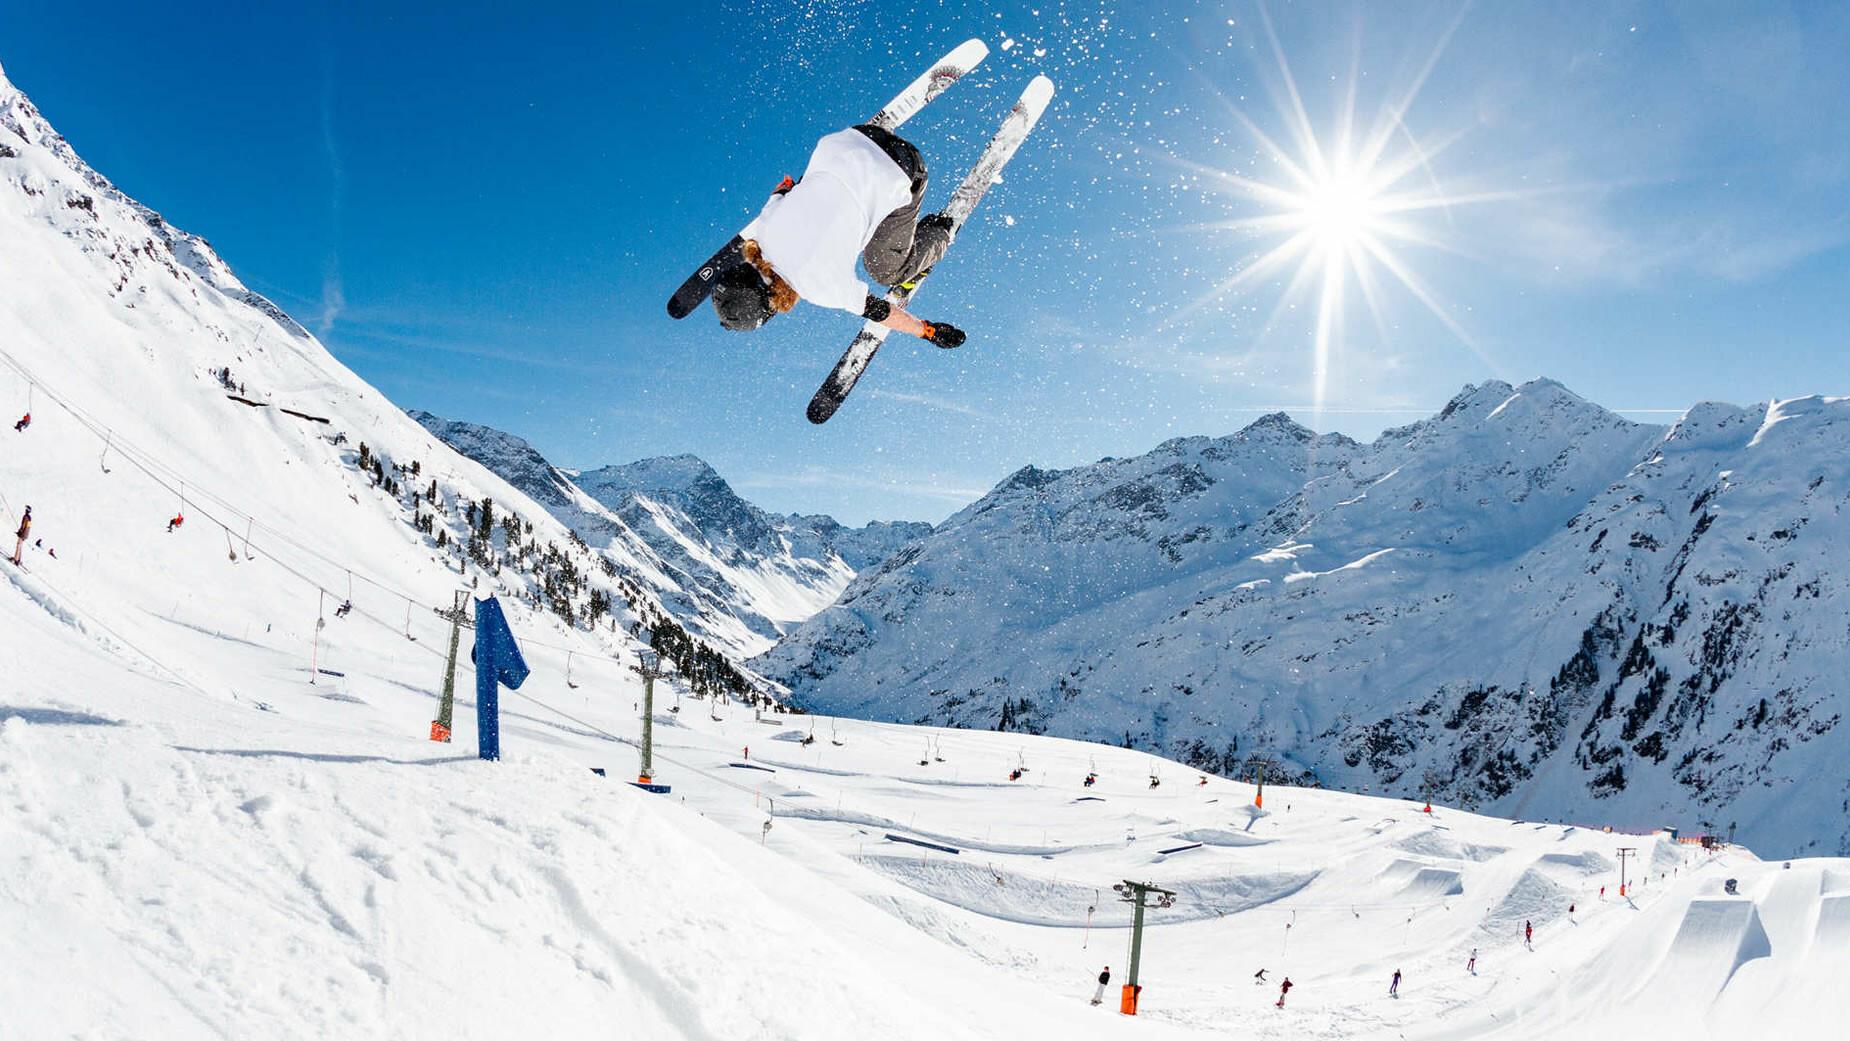 stanton park am Rendl in St. Anton am Arlberg